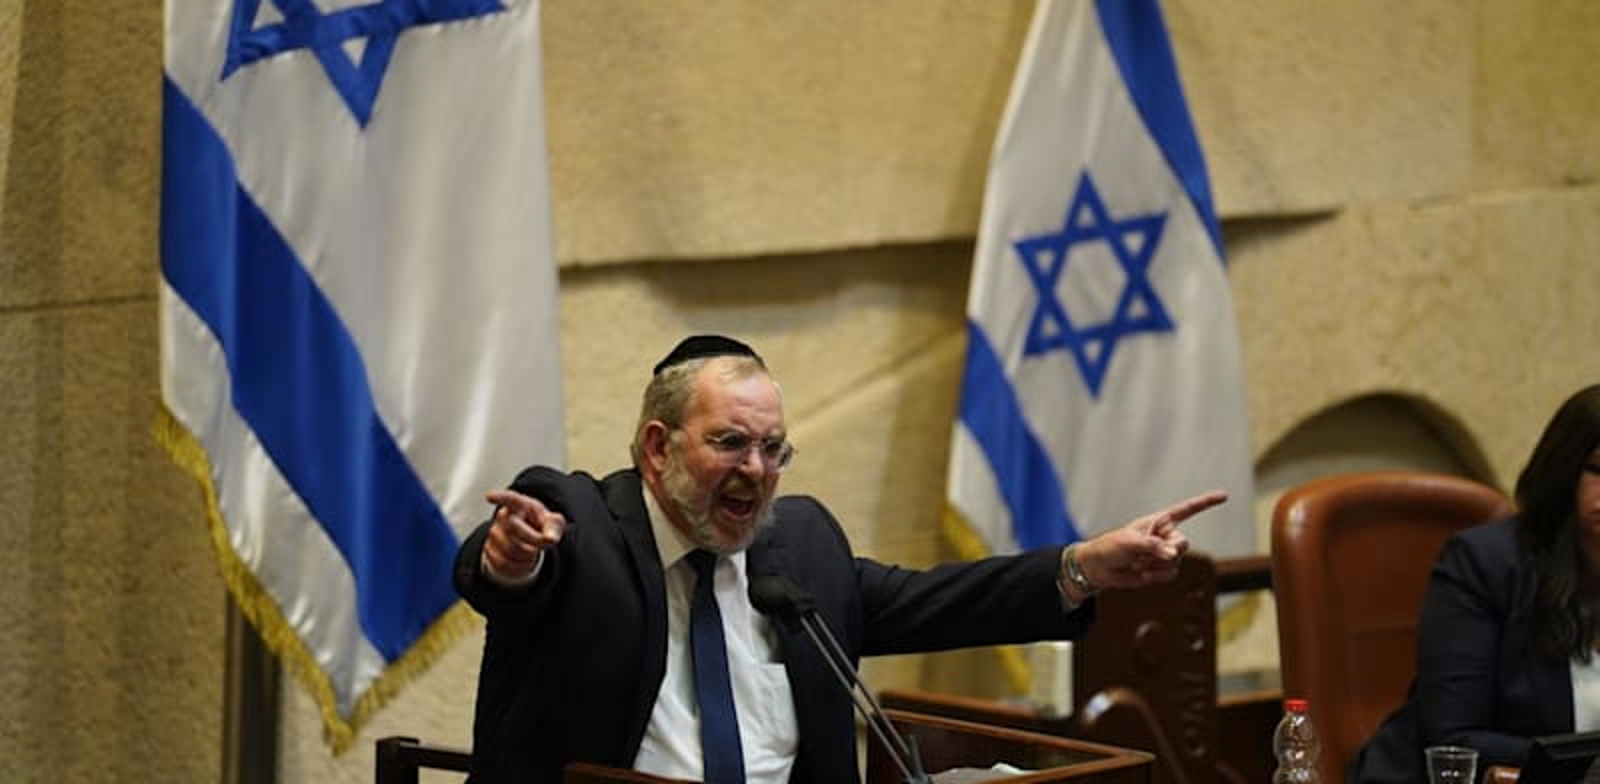 """ח""""כ יעקב אשר, יו""""ר ועדת החוקה של הכנסת / צילום: דוברות הכנסת שמוליק גרוסמן"""